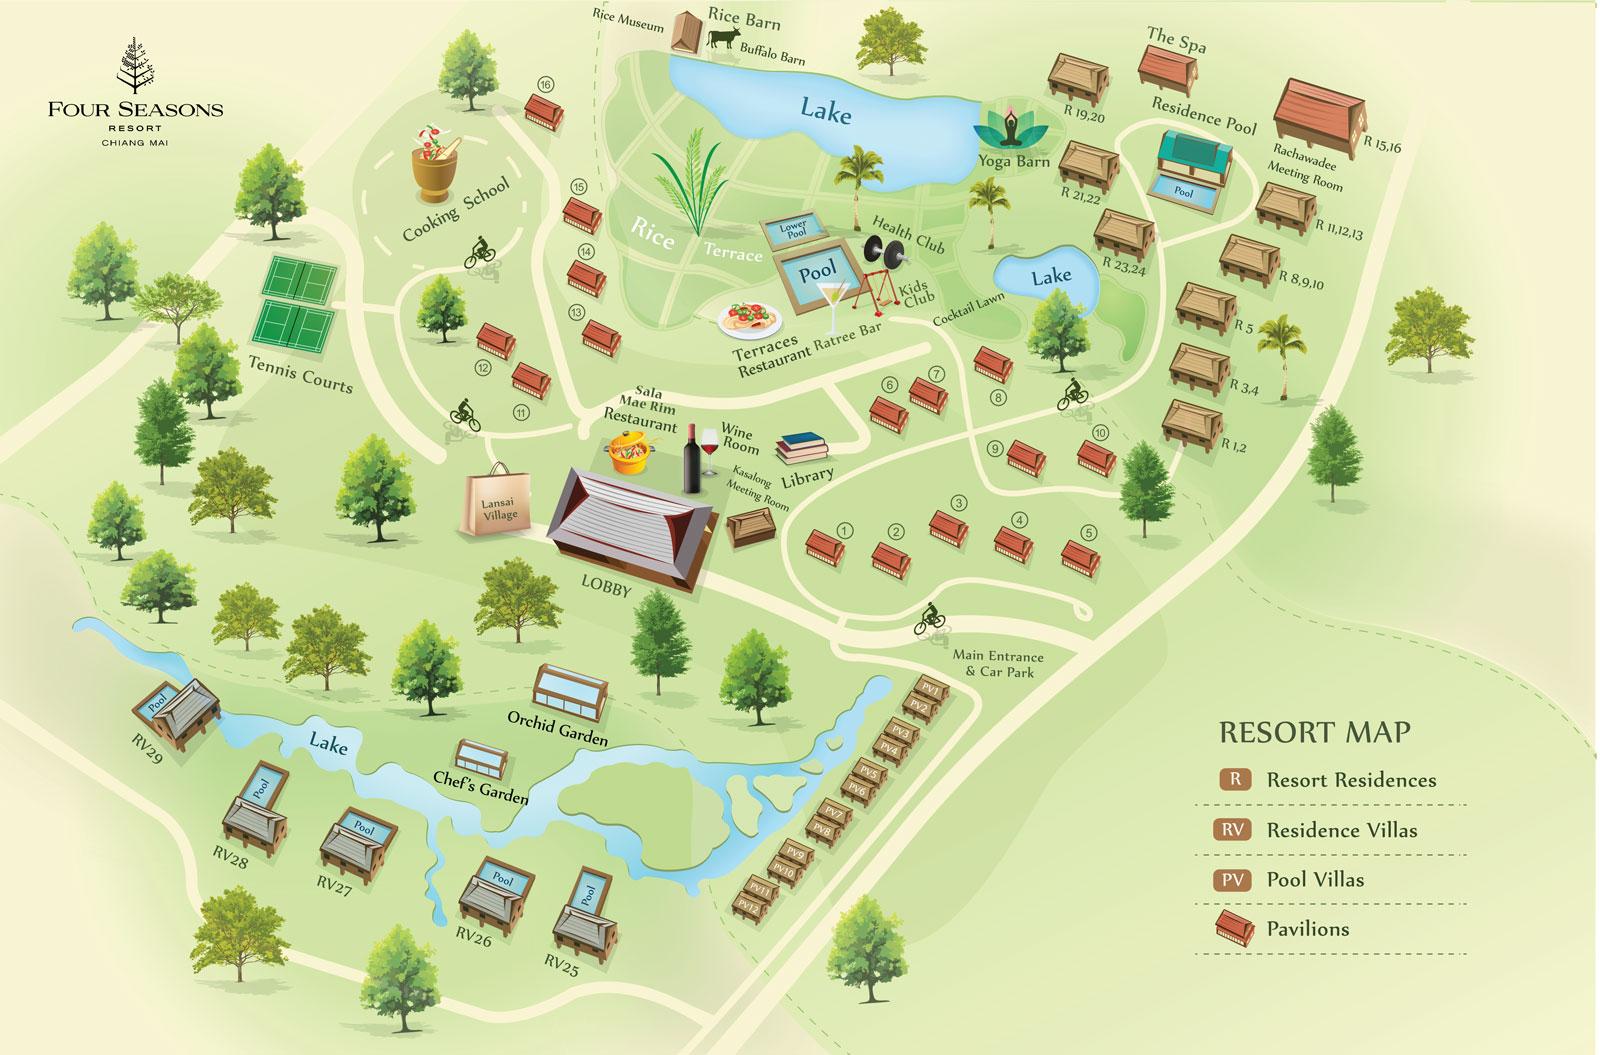 Chiang Mai Resort Map Four Seasons Chiang Mai